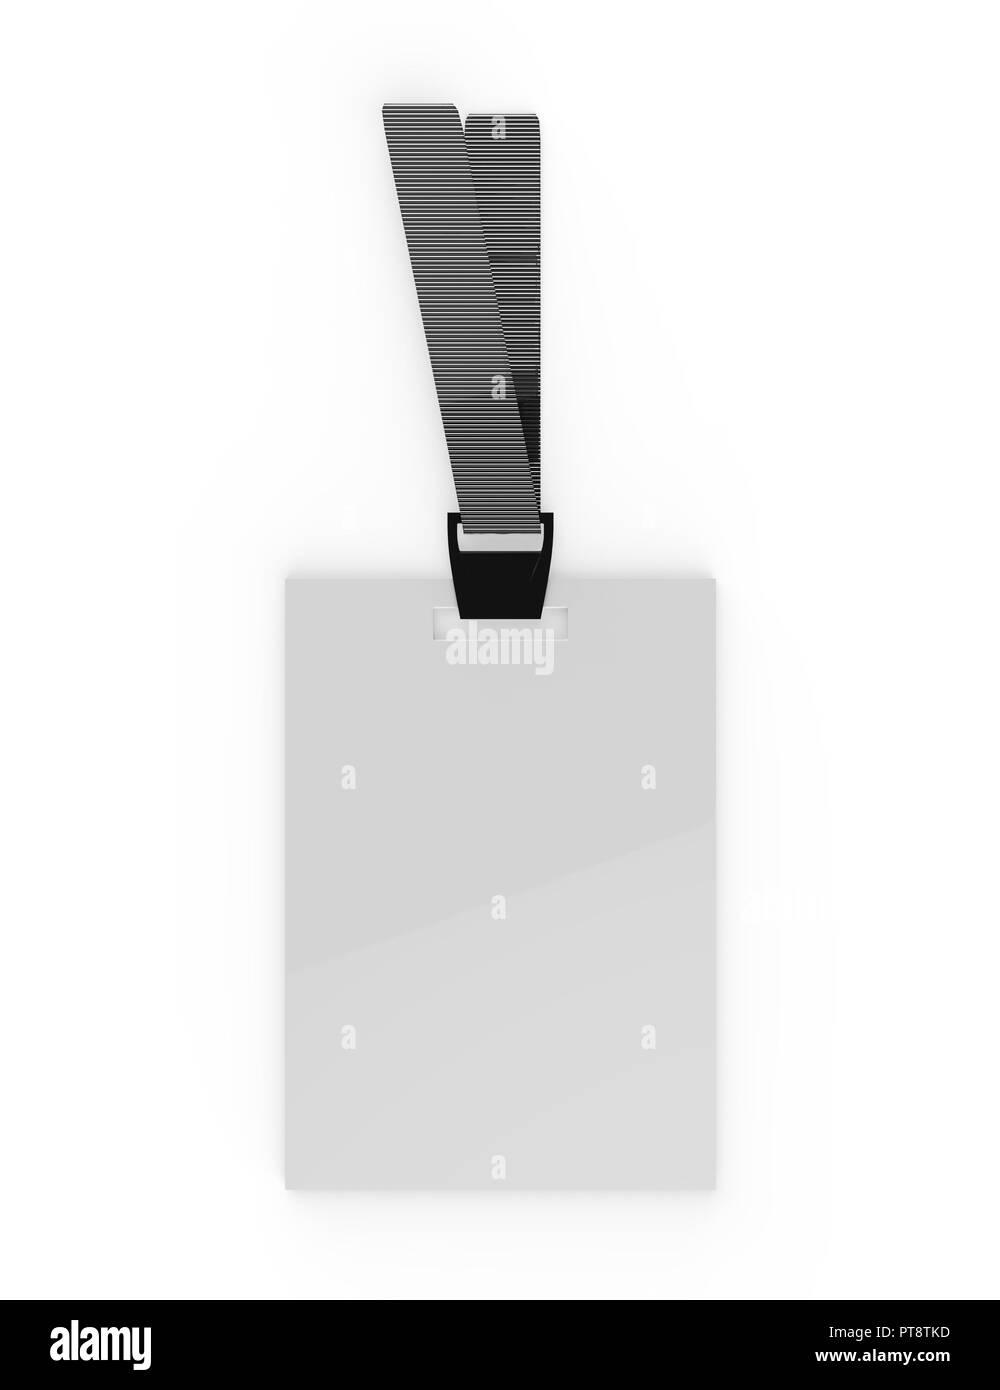 Realistische leer Personalausweis, Abzeichen & Biometrische Karte mit Blue Ribbon Mock-Up auf isolierten weißen Hintergrund, 3D-Darstellung Stockbild